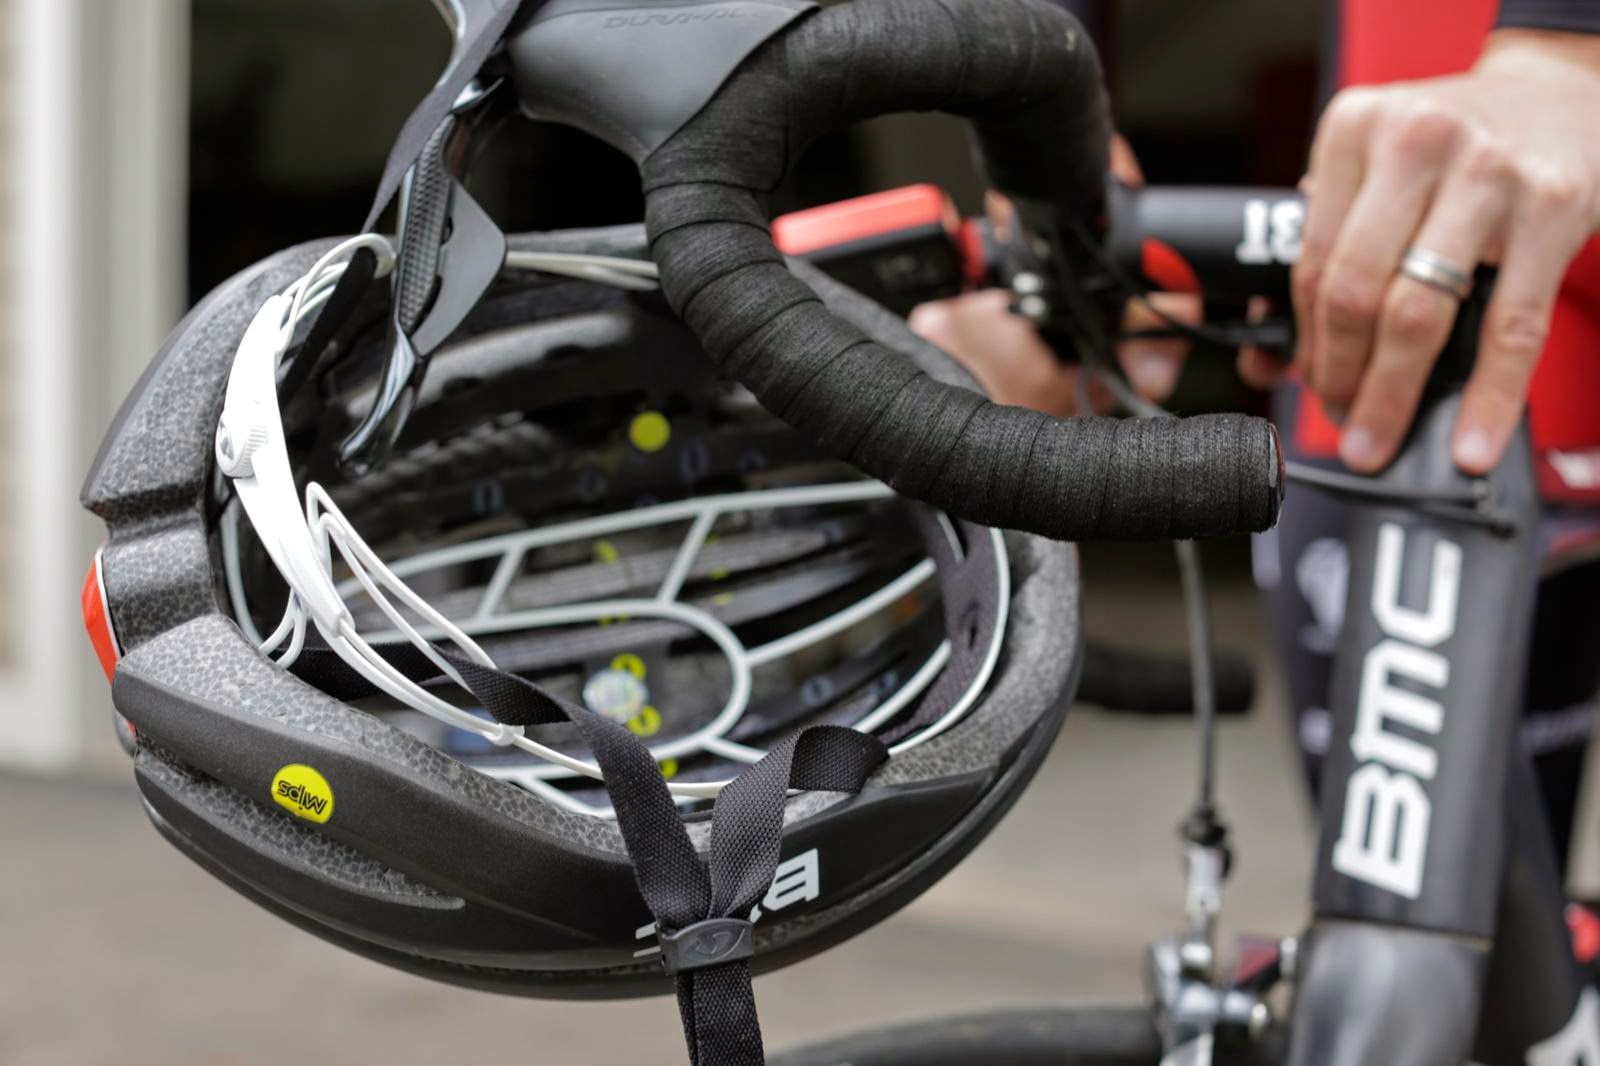 Der Giro Synthe MIPS kommt bereits bei der Tour de France 2015 zum Einsatz.